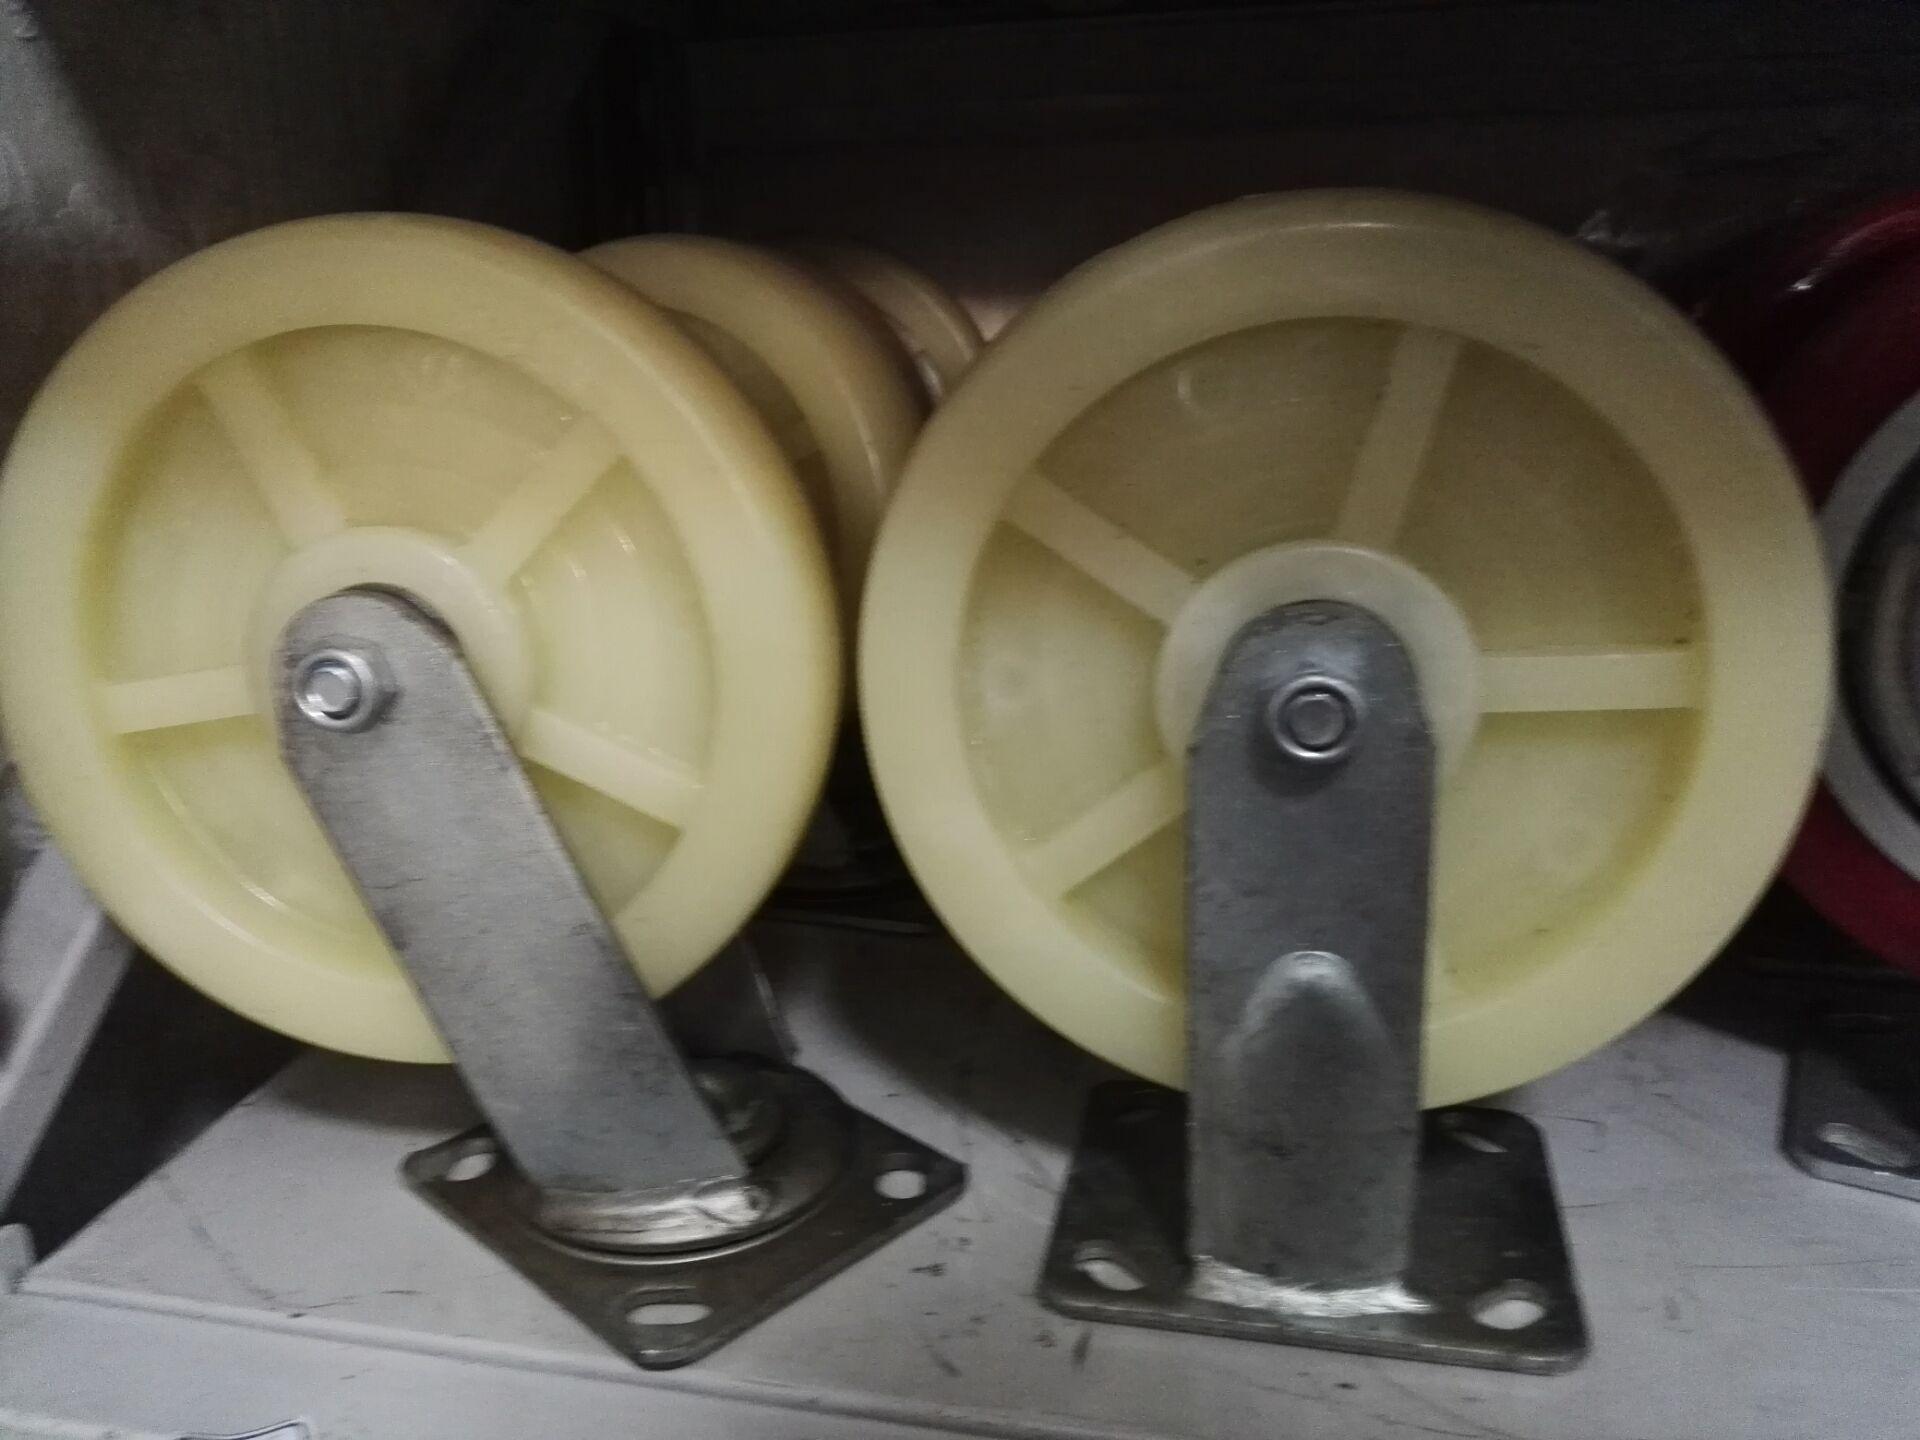 型号脚轮图片/型号脚轮样板图 (4)